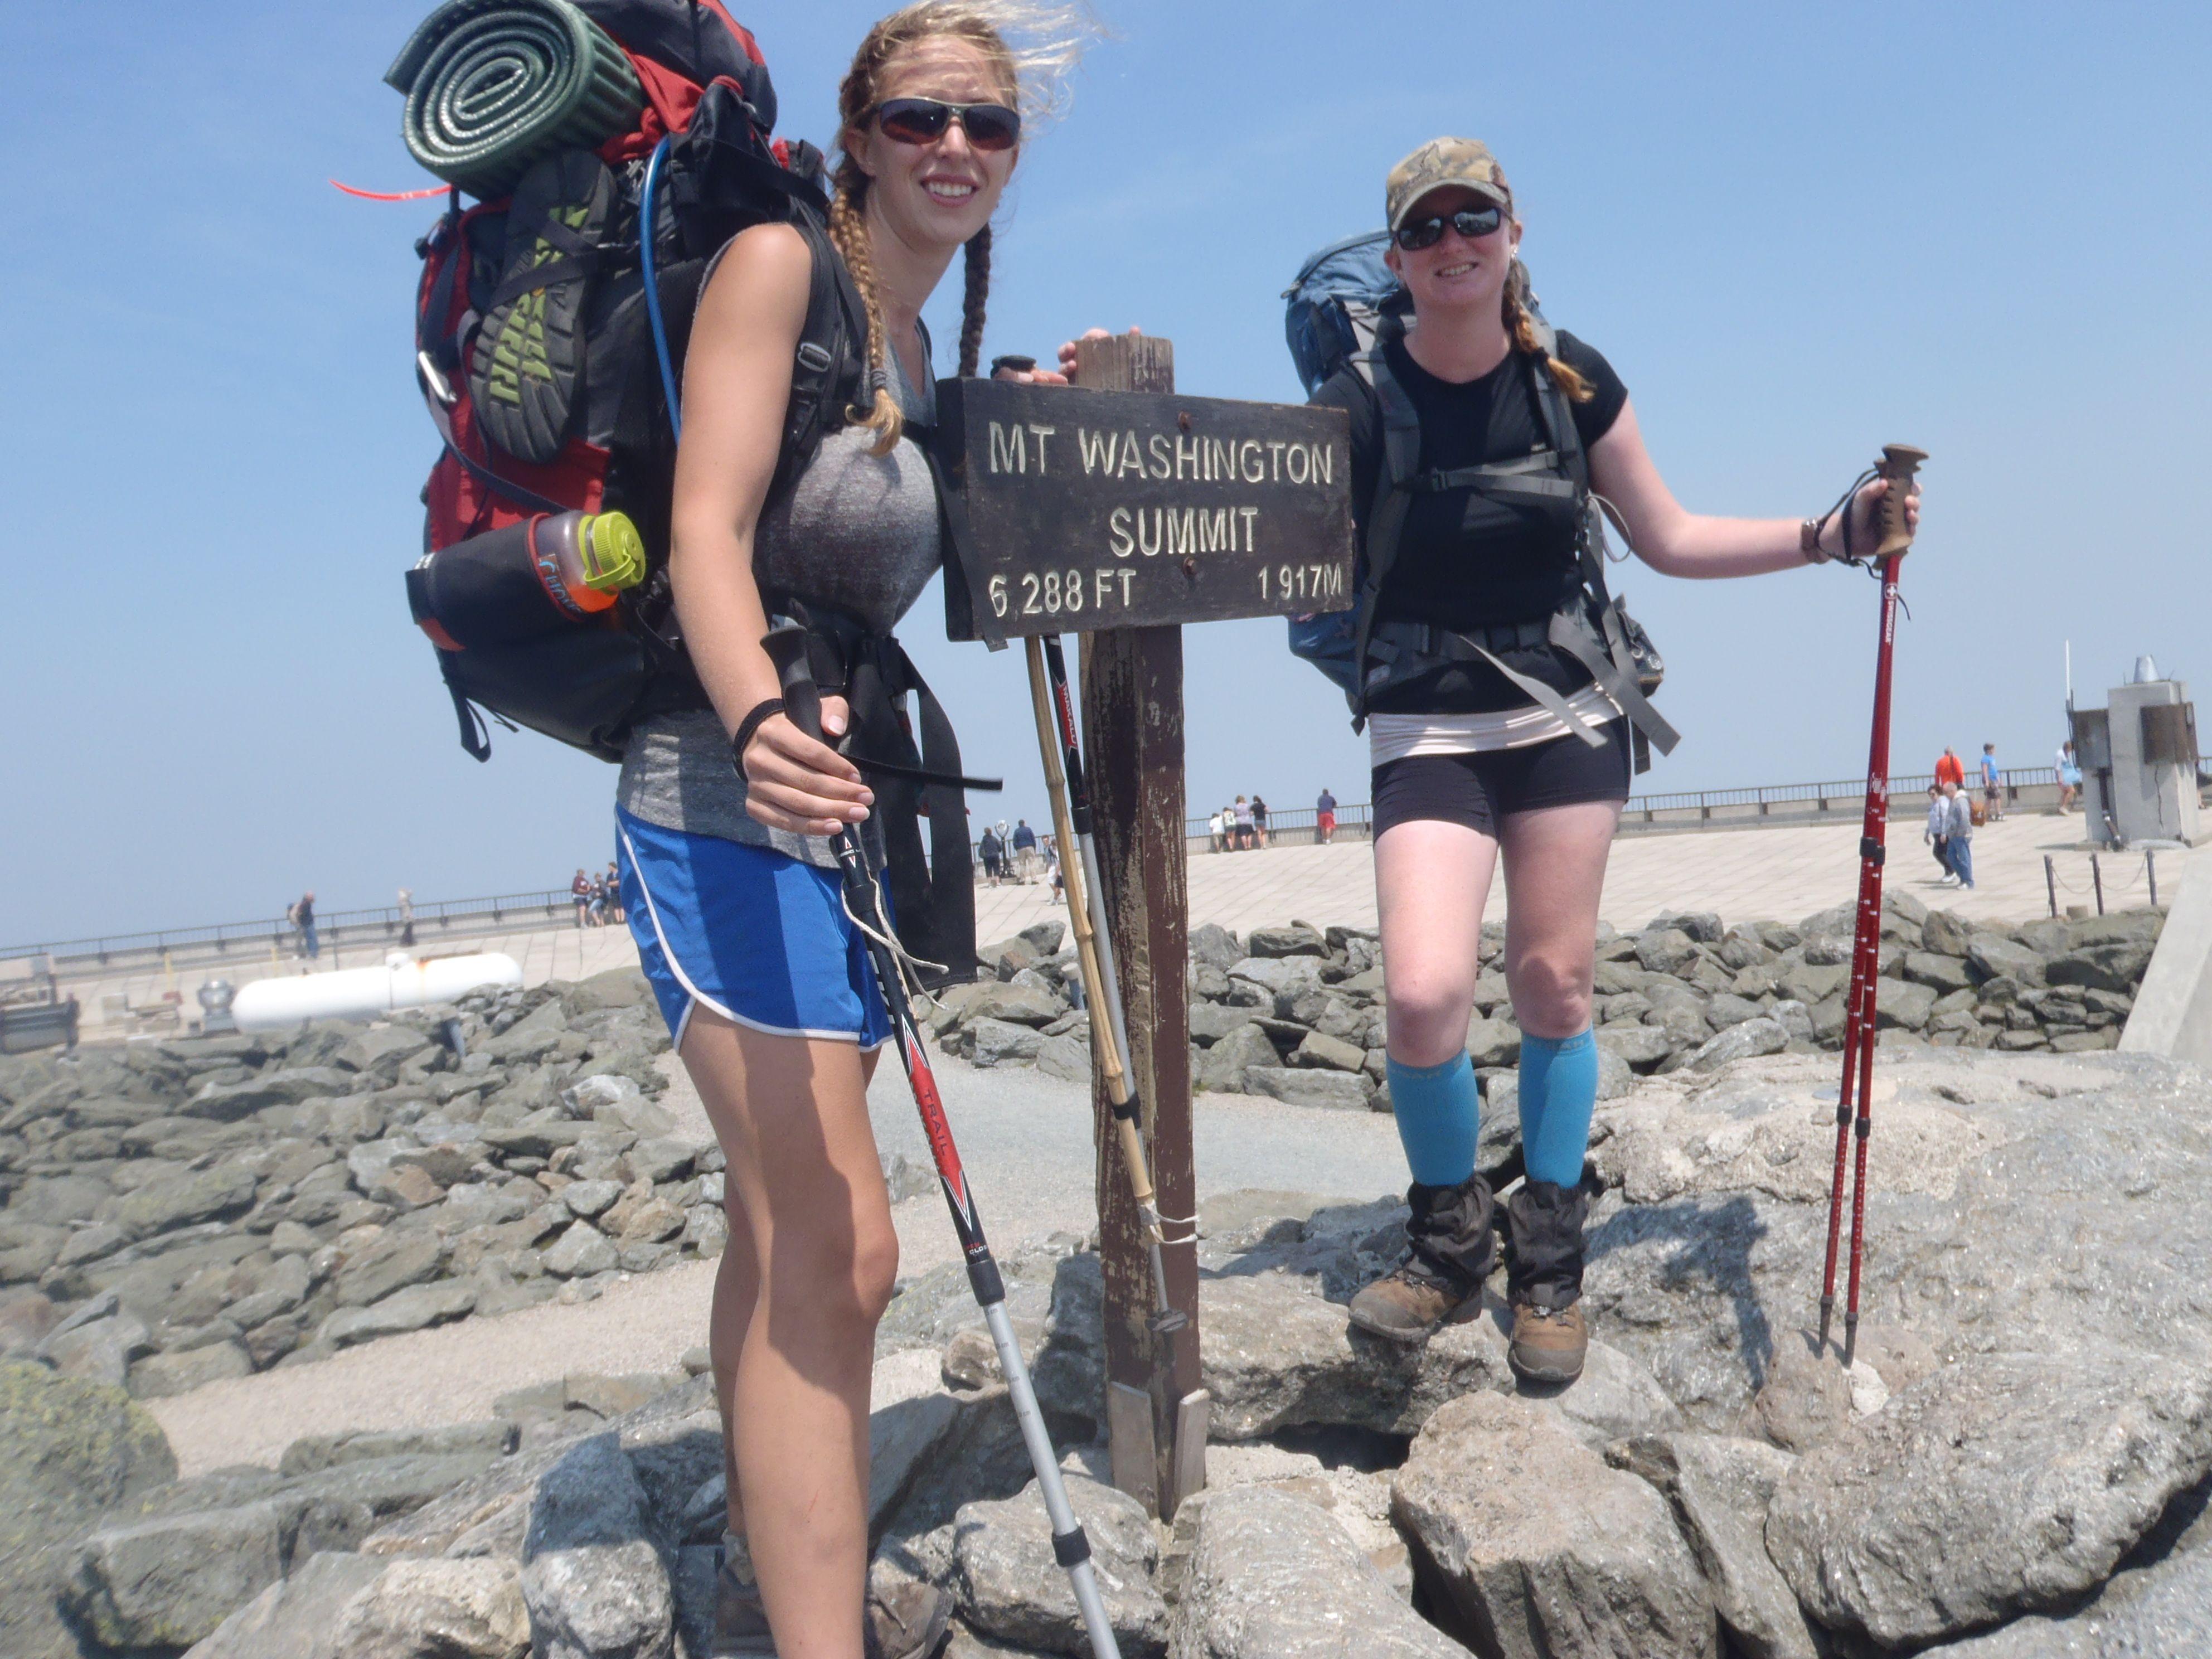 Mount washington summit, Baxter state park, Appalachian trail